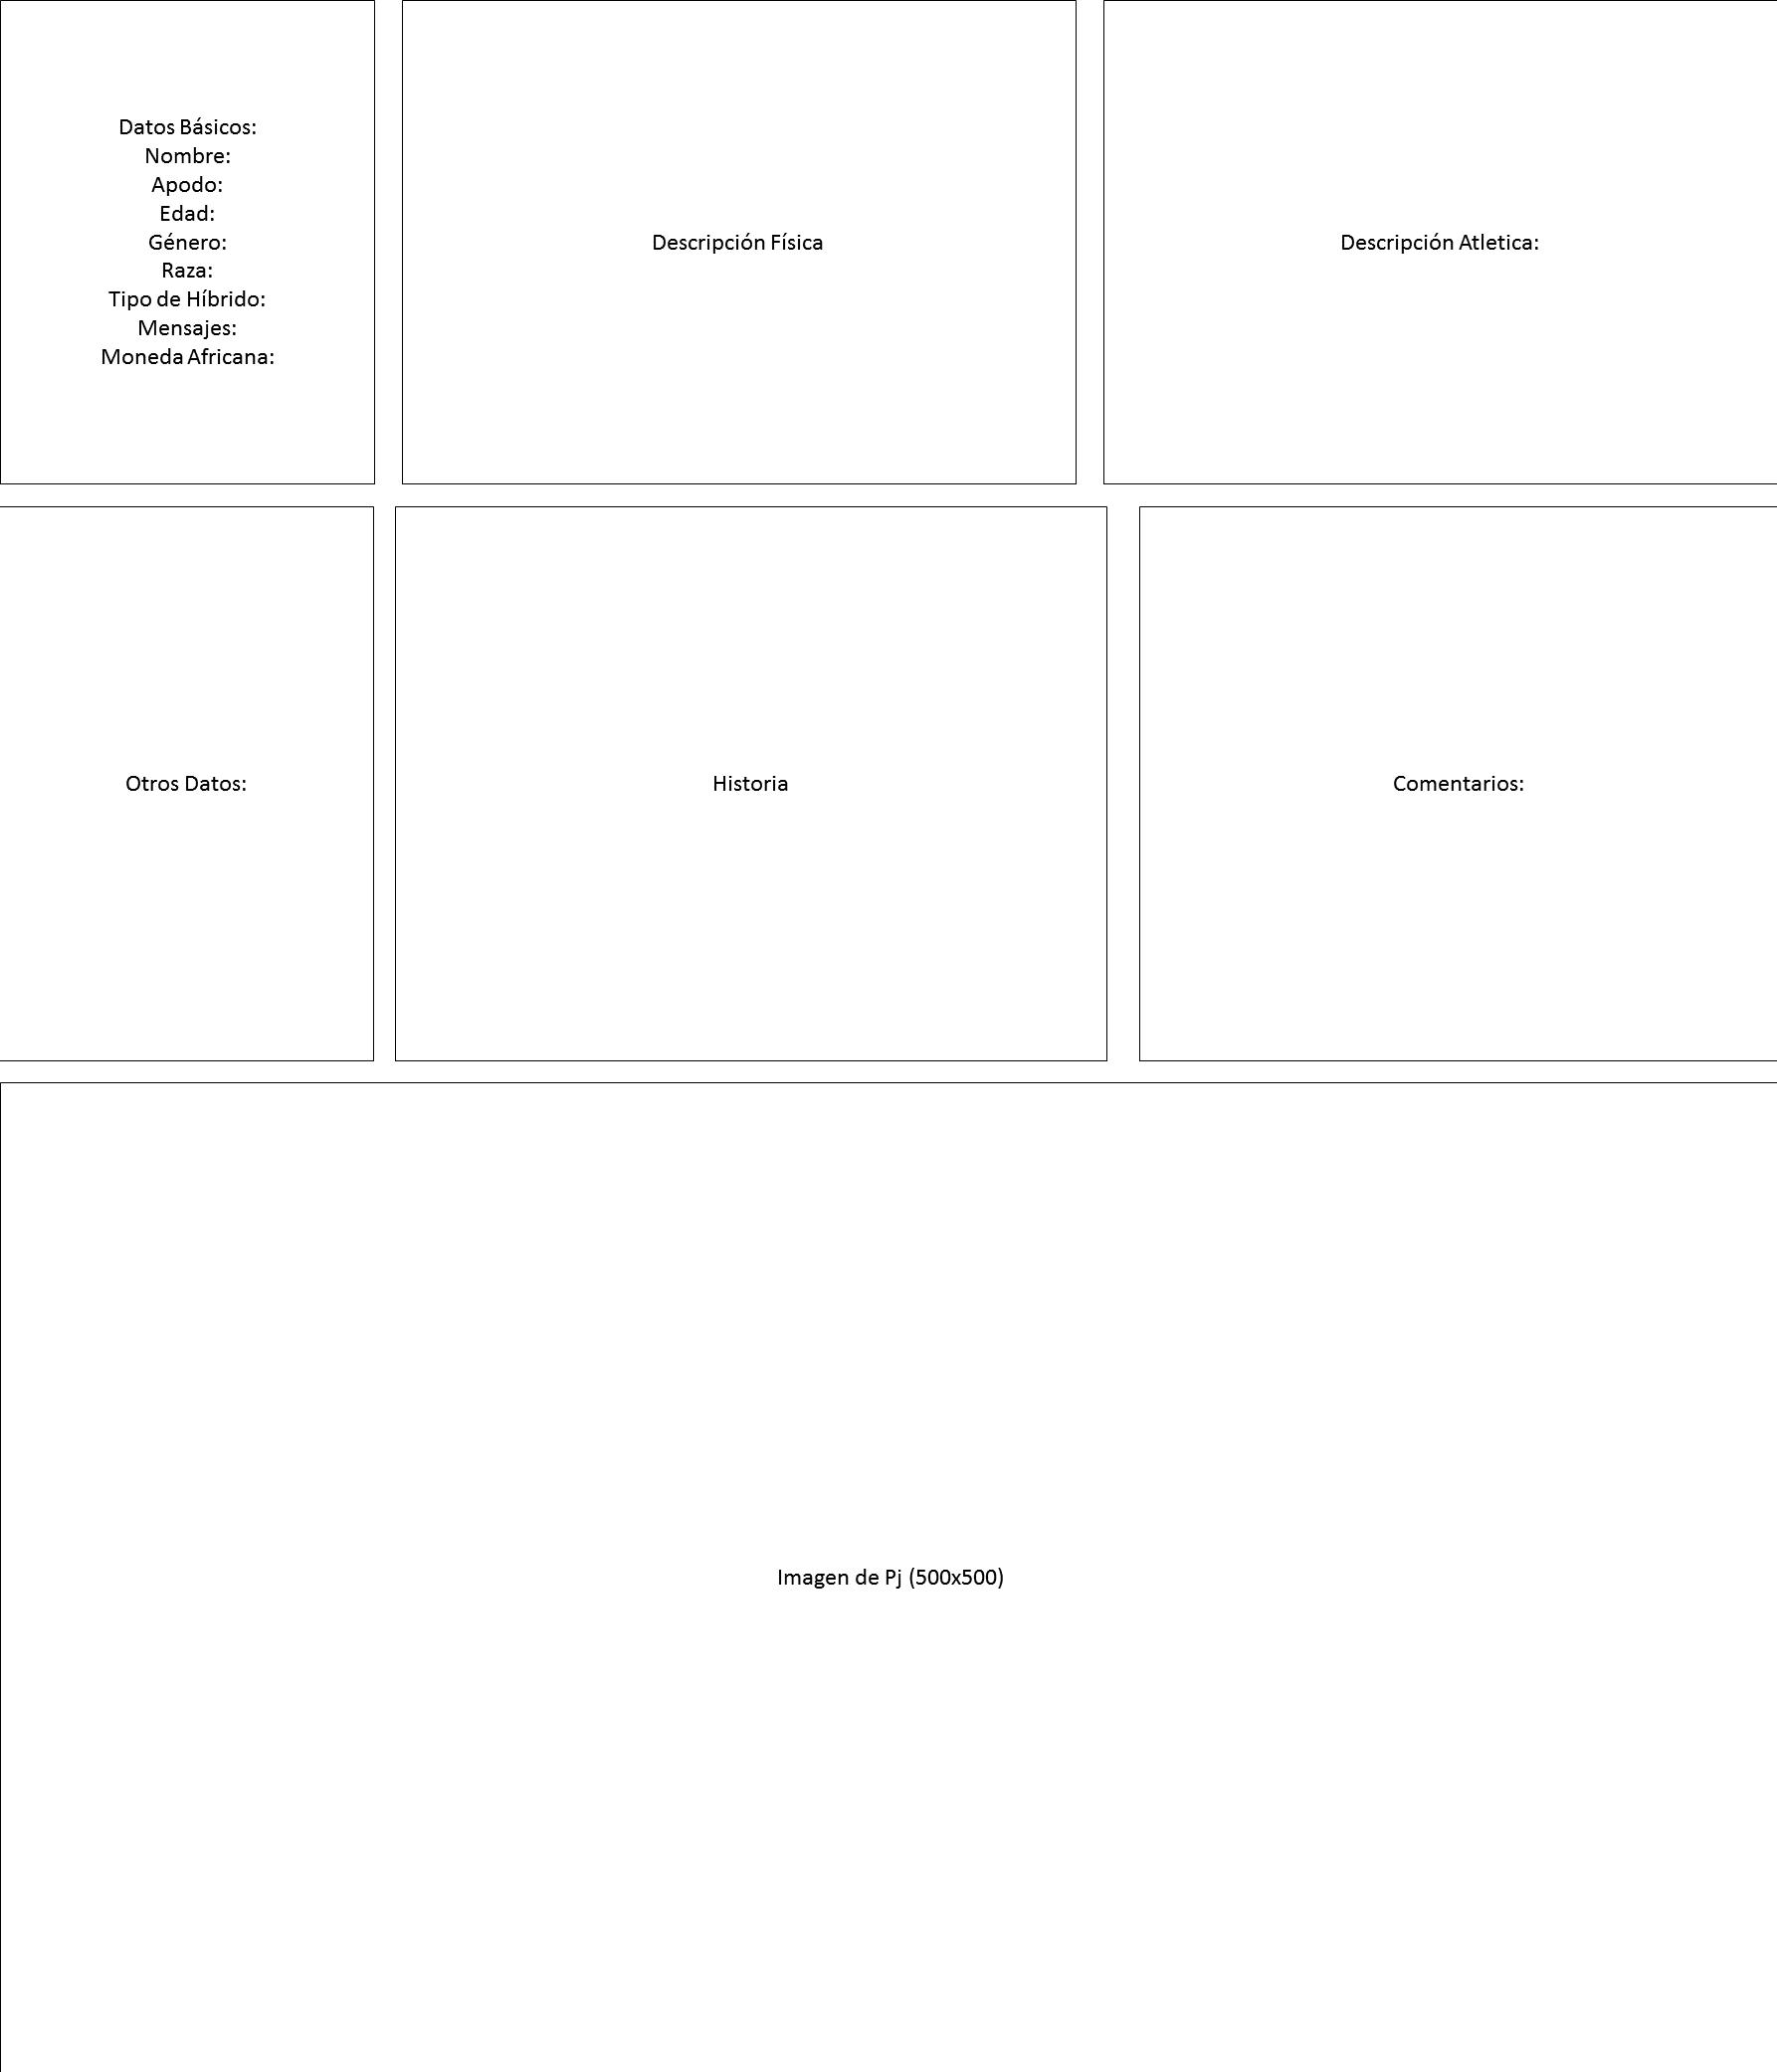 Como modificar organizar en divs separados los campos del perfil. Presen10